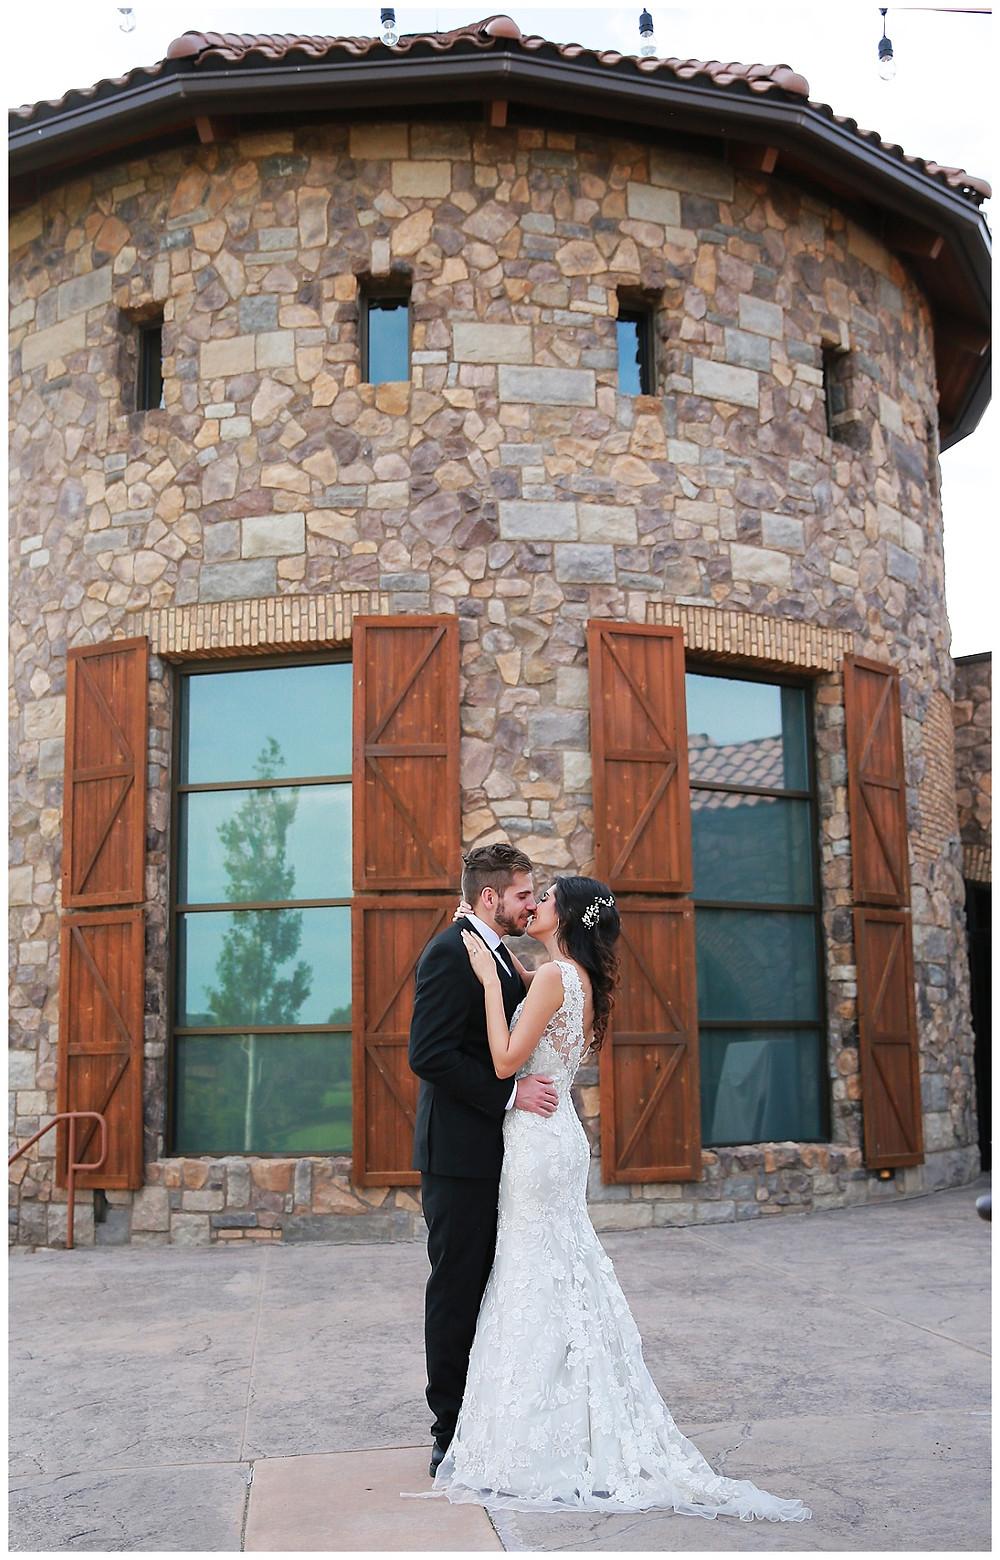 Colorado Springs Wedding Venue